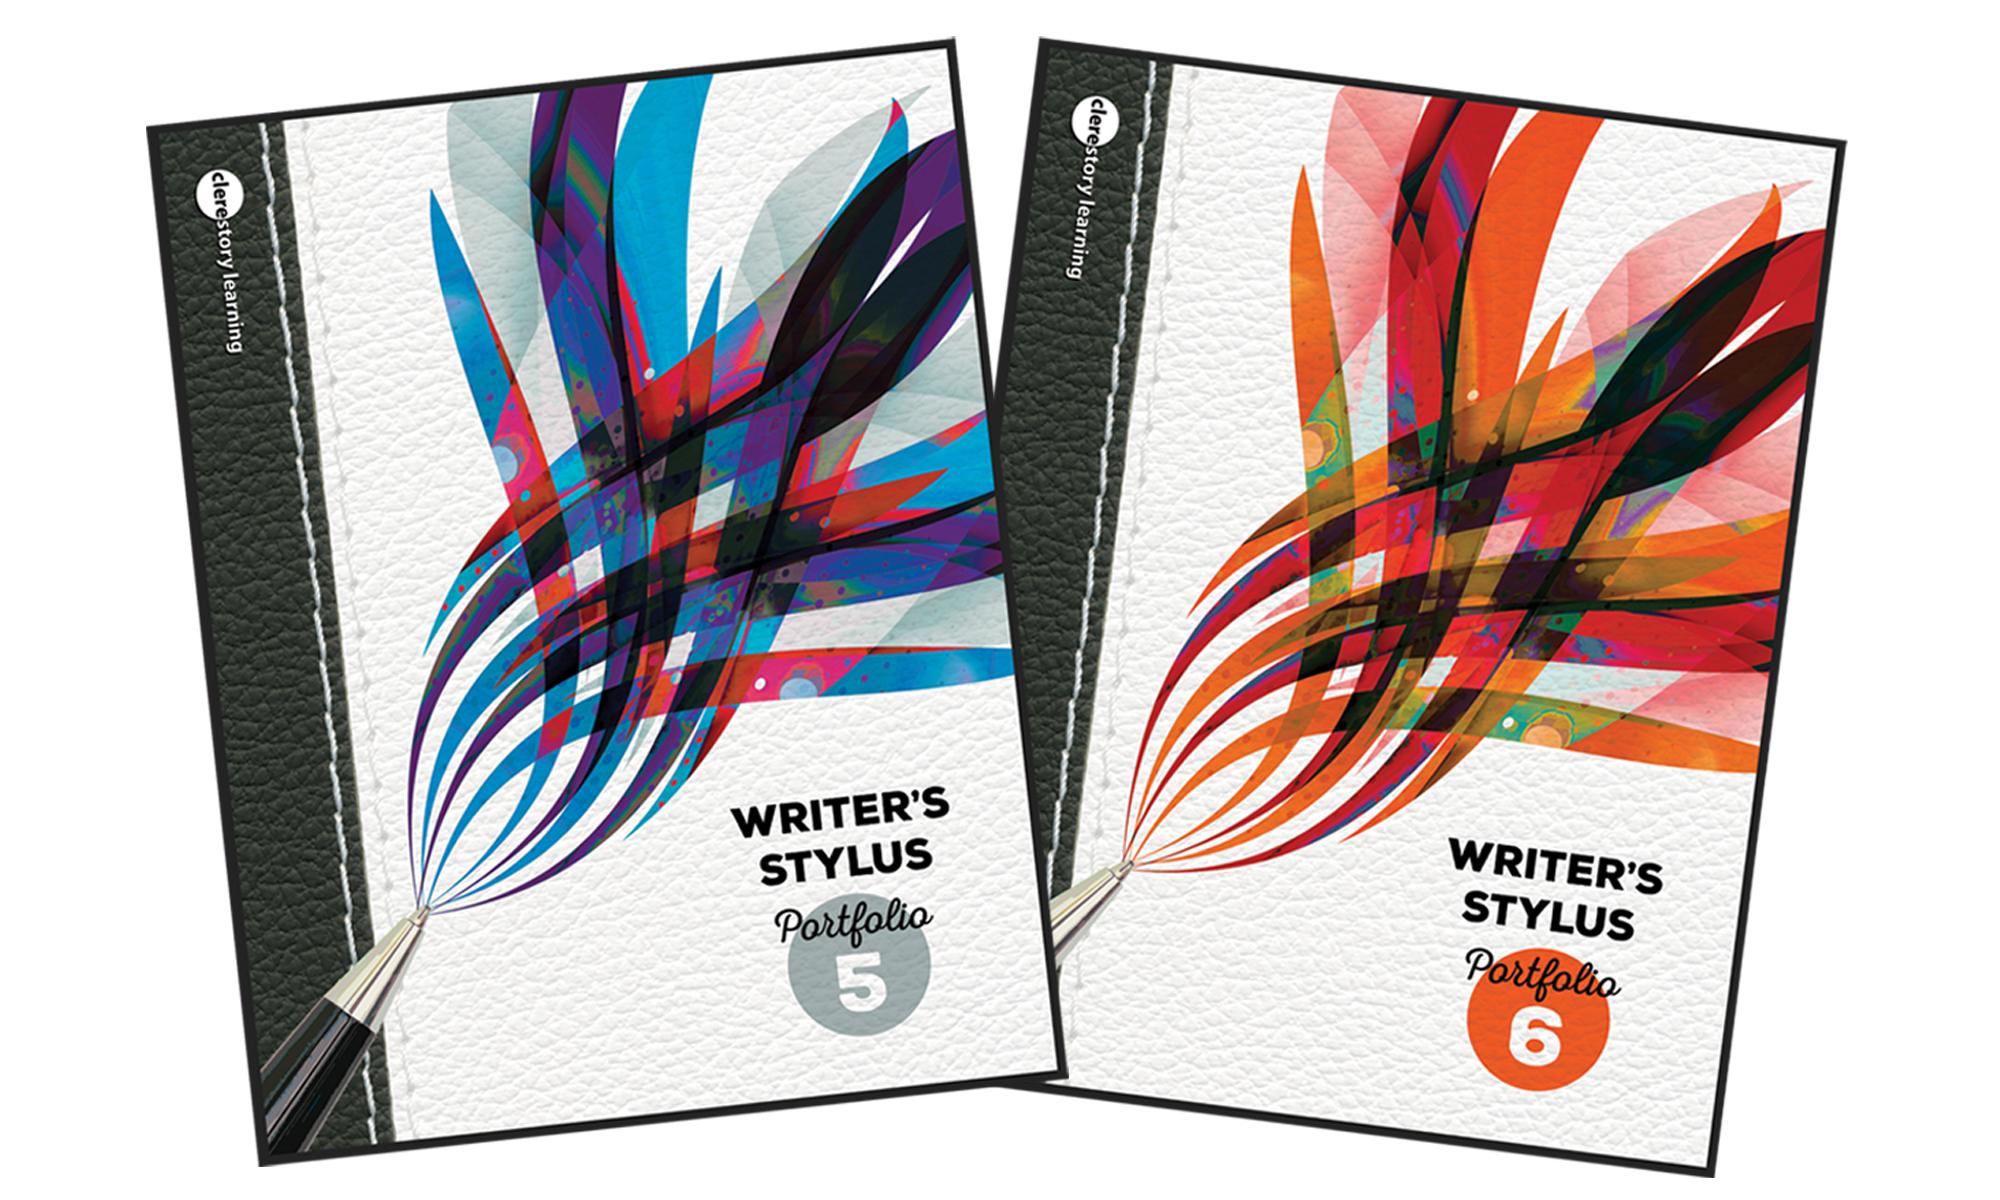 Writer's Stylus Student Portfolios Grades 5 & 6